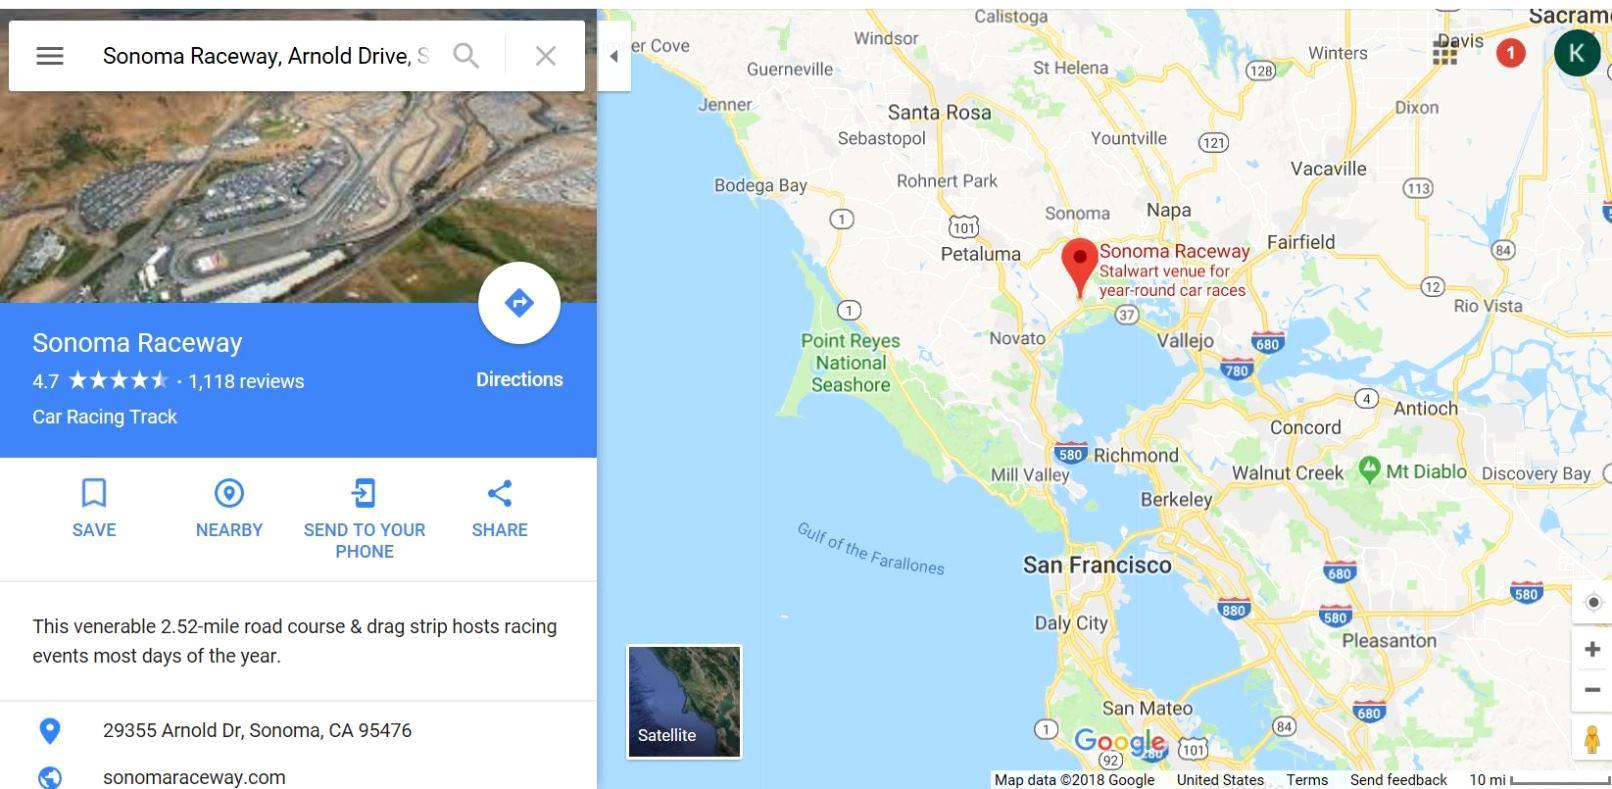 Name:  Sonoma Raceway map.JPG Views: 178 Size:  164.6 KB